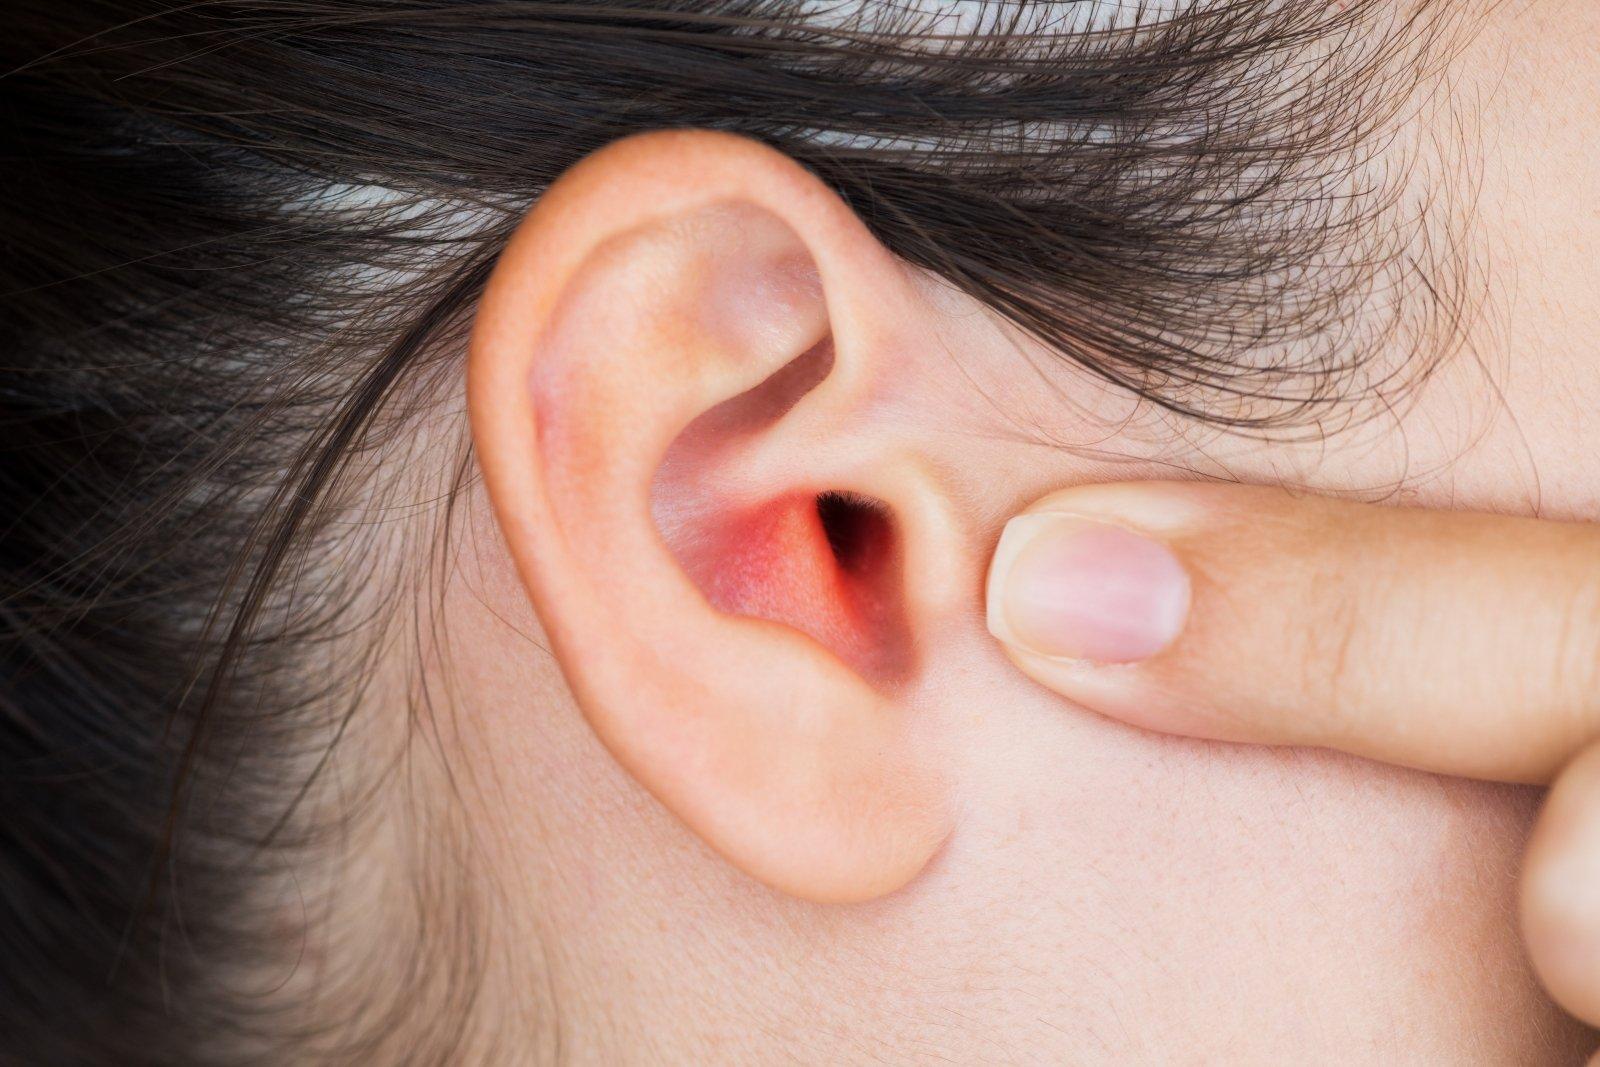 edema alkūnės sąnario traumos skauda šlaunikaulį